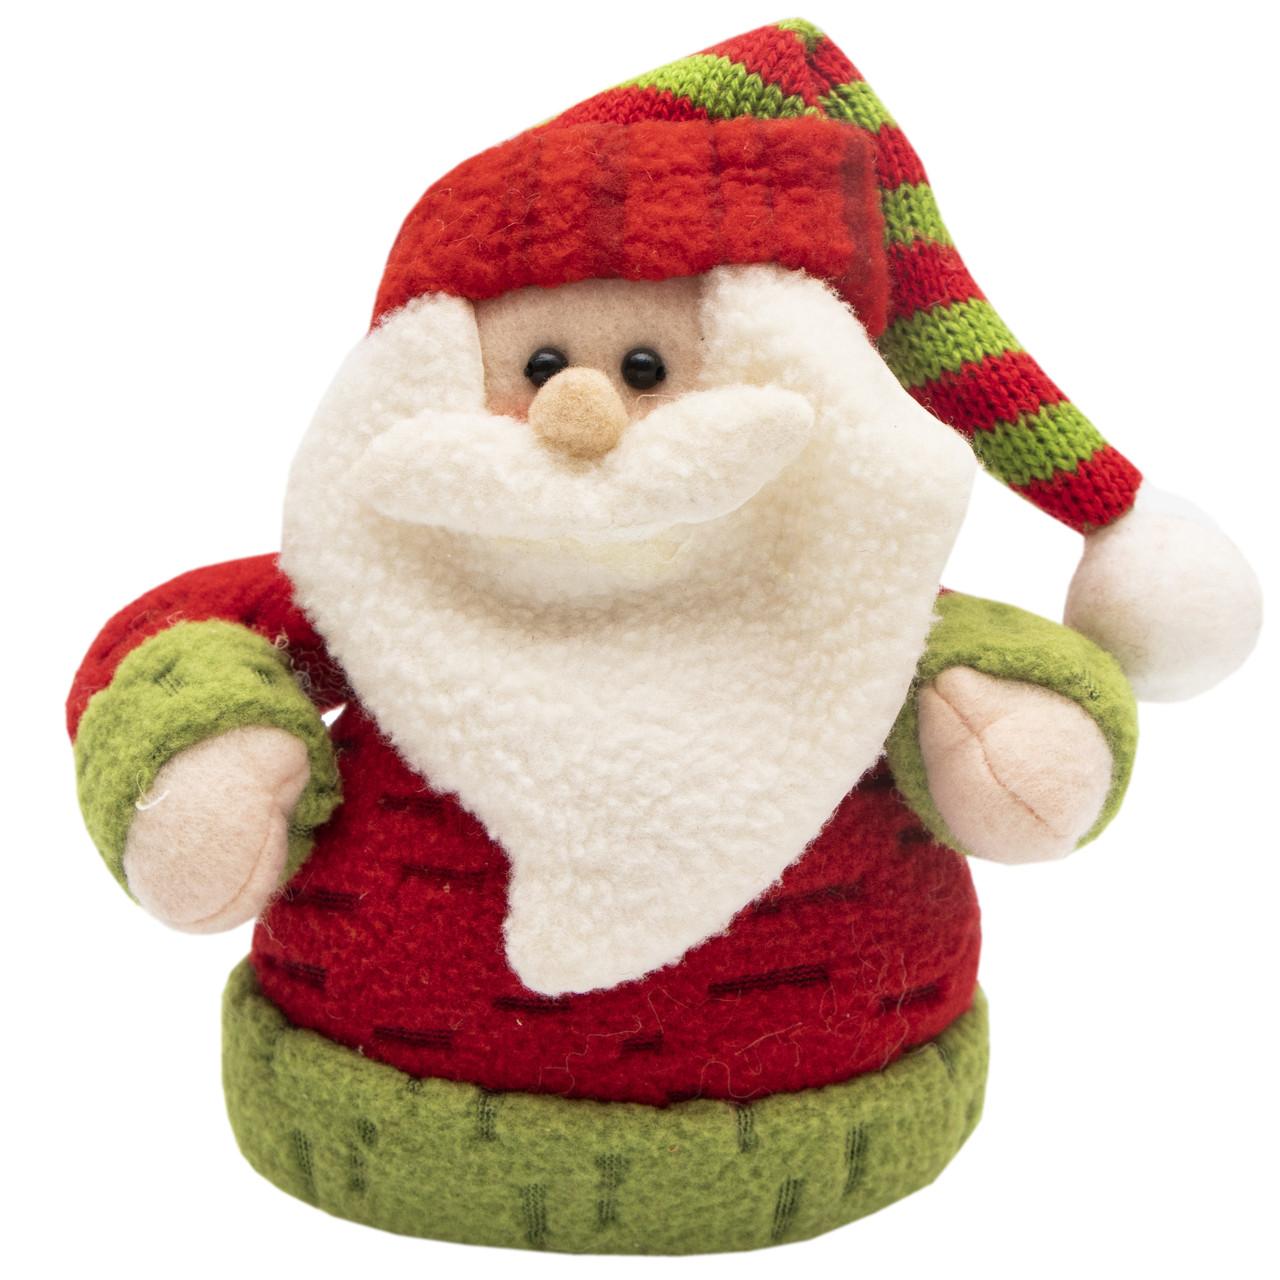 Мягкая новогодняя фигурка Дед Мороз красный с белой бородой, 16, 5см (000098)